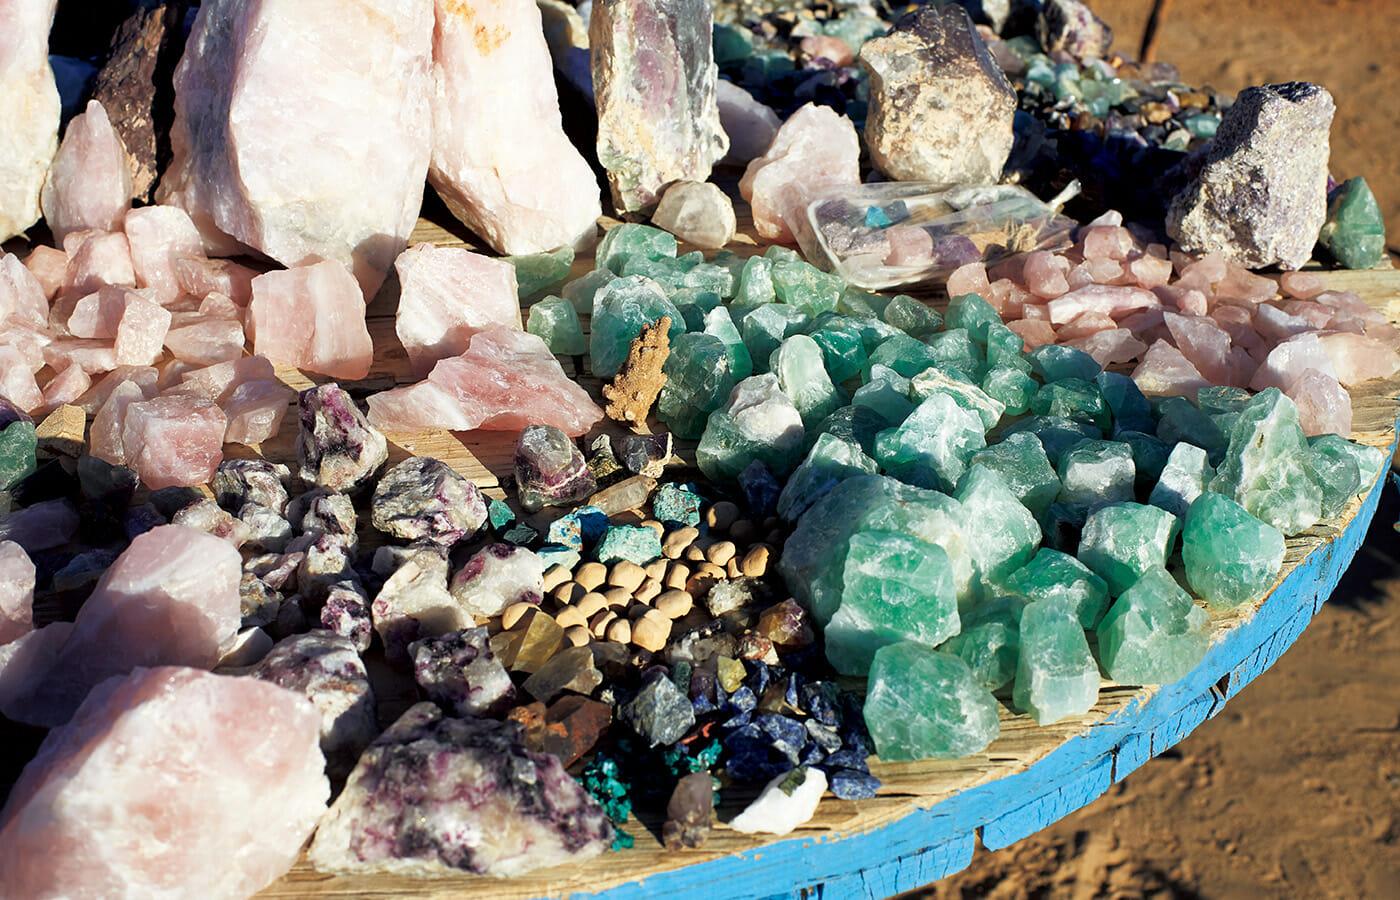 鉱物資源に恵まれたナミビアではあちこちに大きな鉱物市場が見られる。